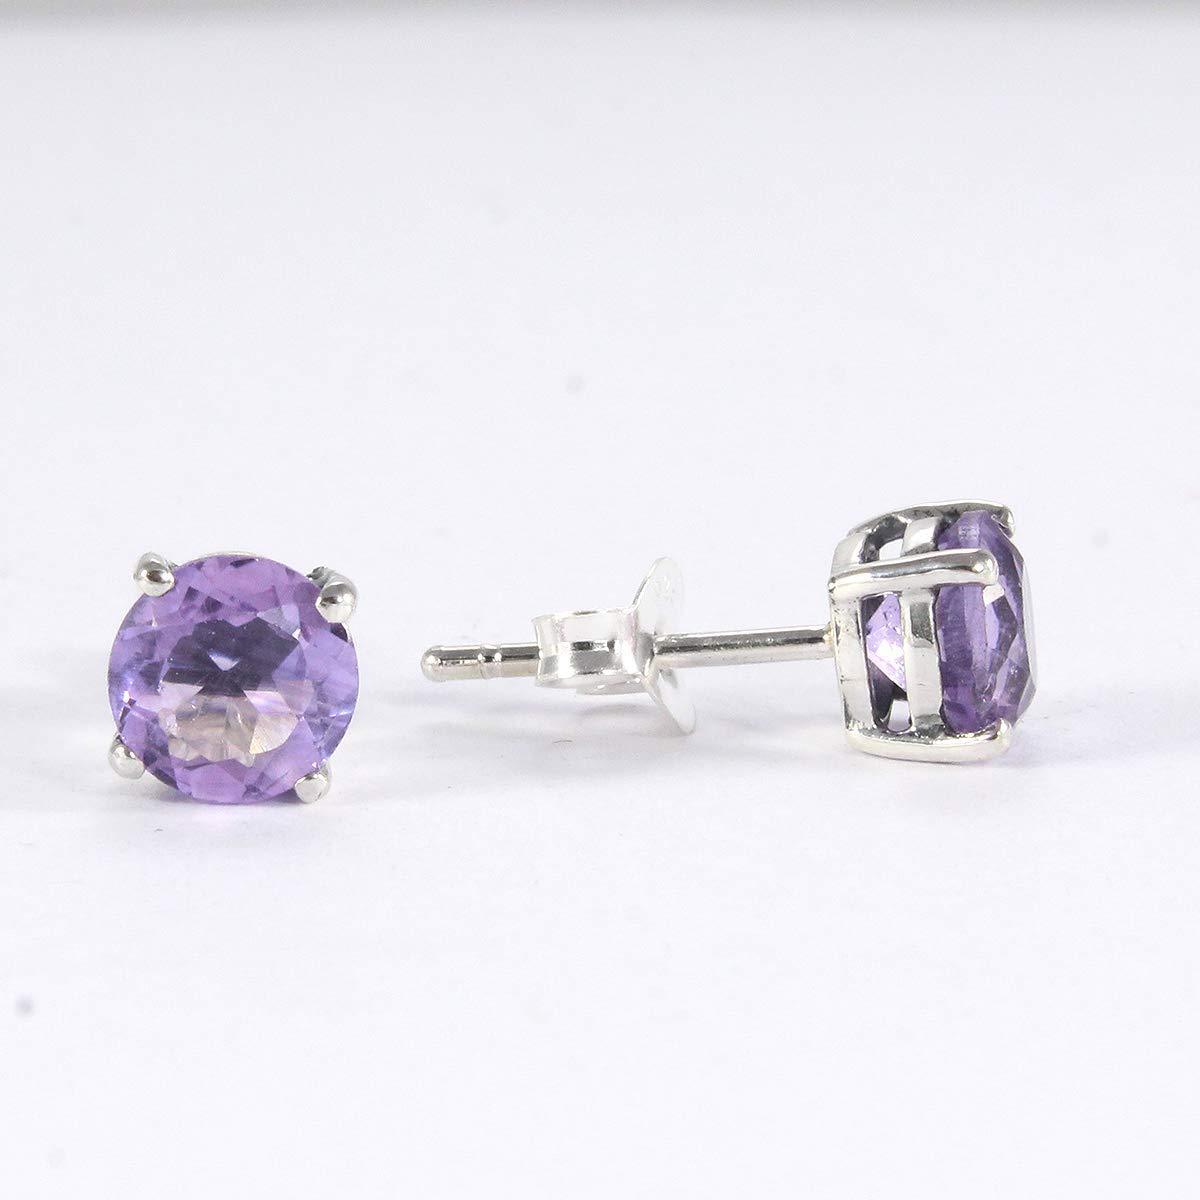 Purple Earrings Amethyst Earrings Amethyst Silver Earrings Round Stone Earrings Gemstone Earrings Silver Earrings Handmade Earrings